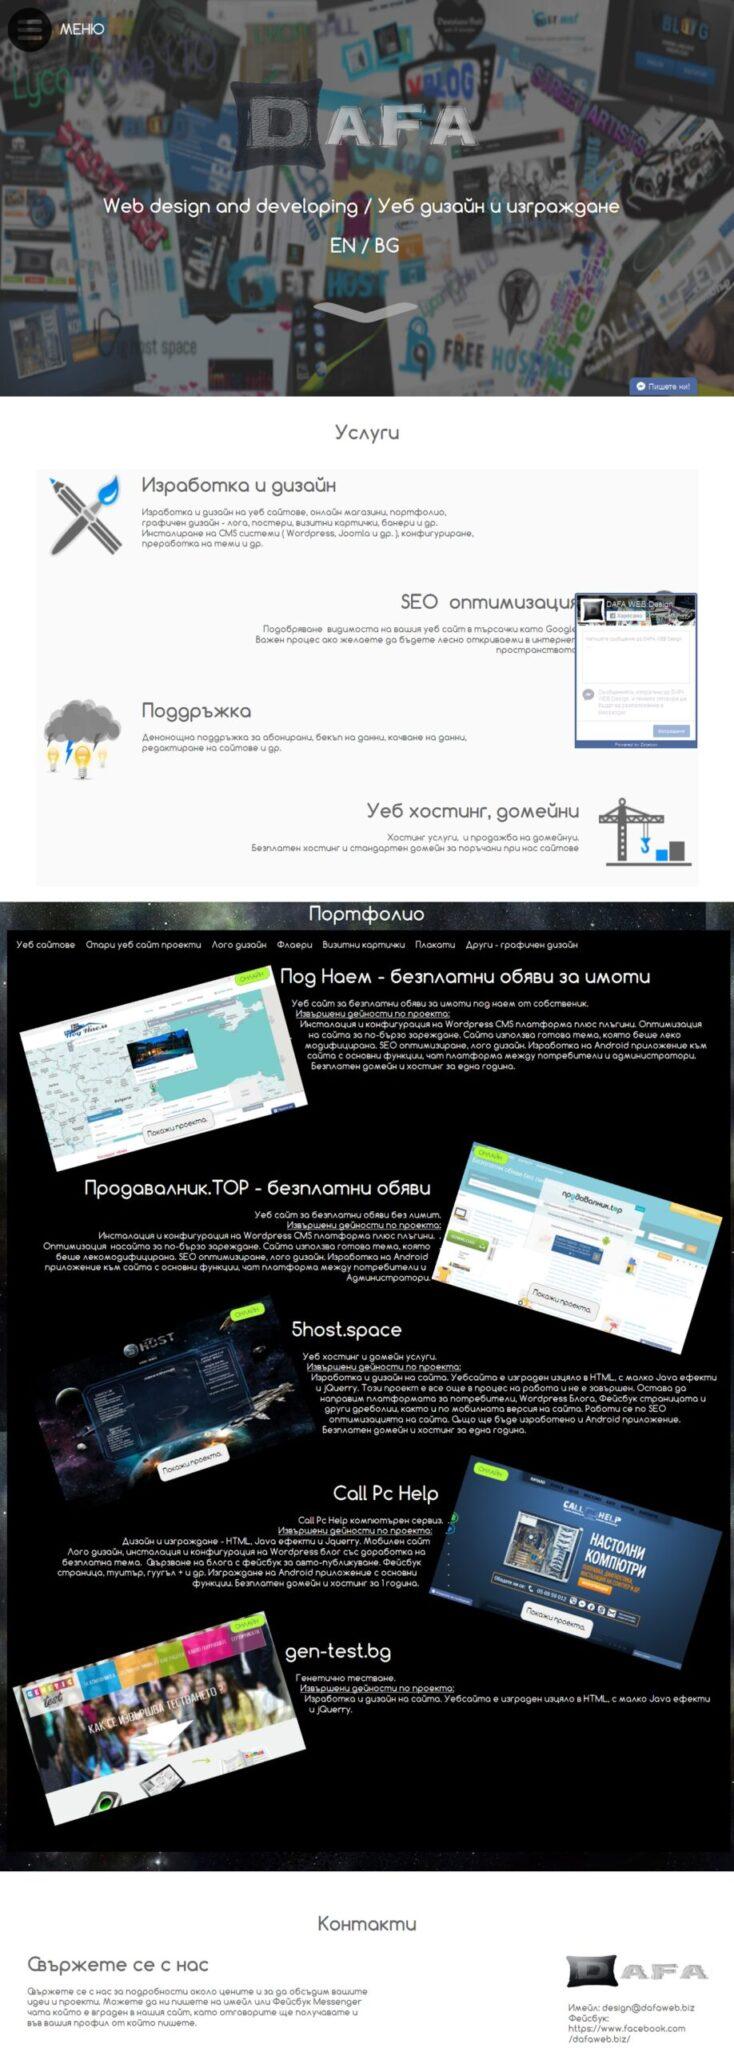 daweb.top - Уеб дизайн, SEO, СЕО, реклама, маркетинг, дизайн, изграждане на сайтове